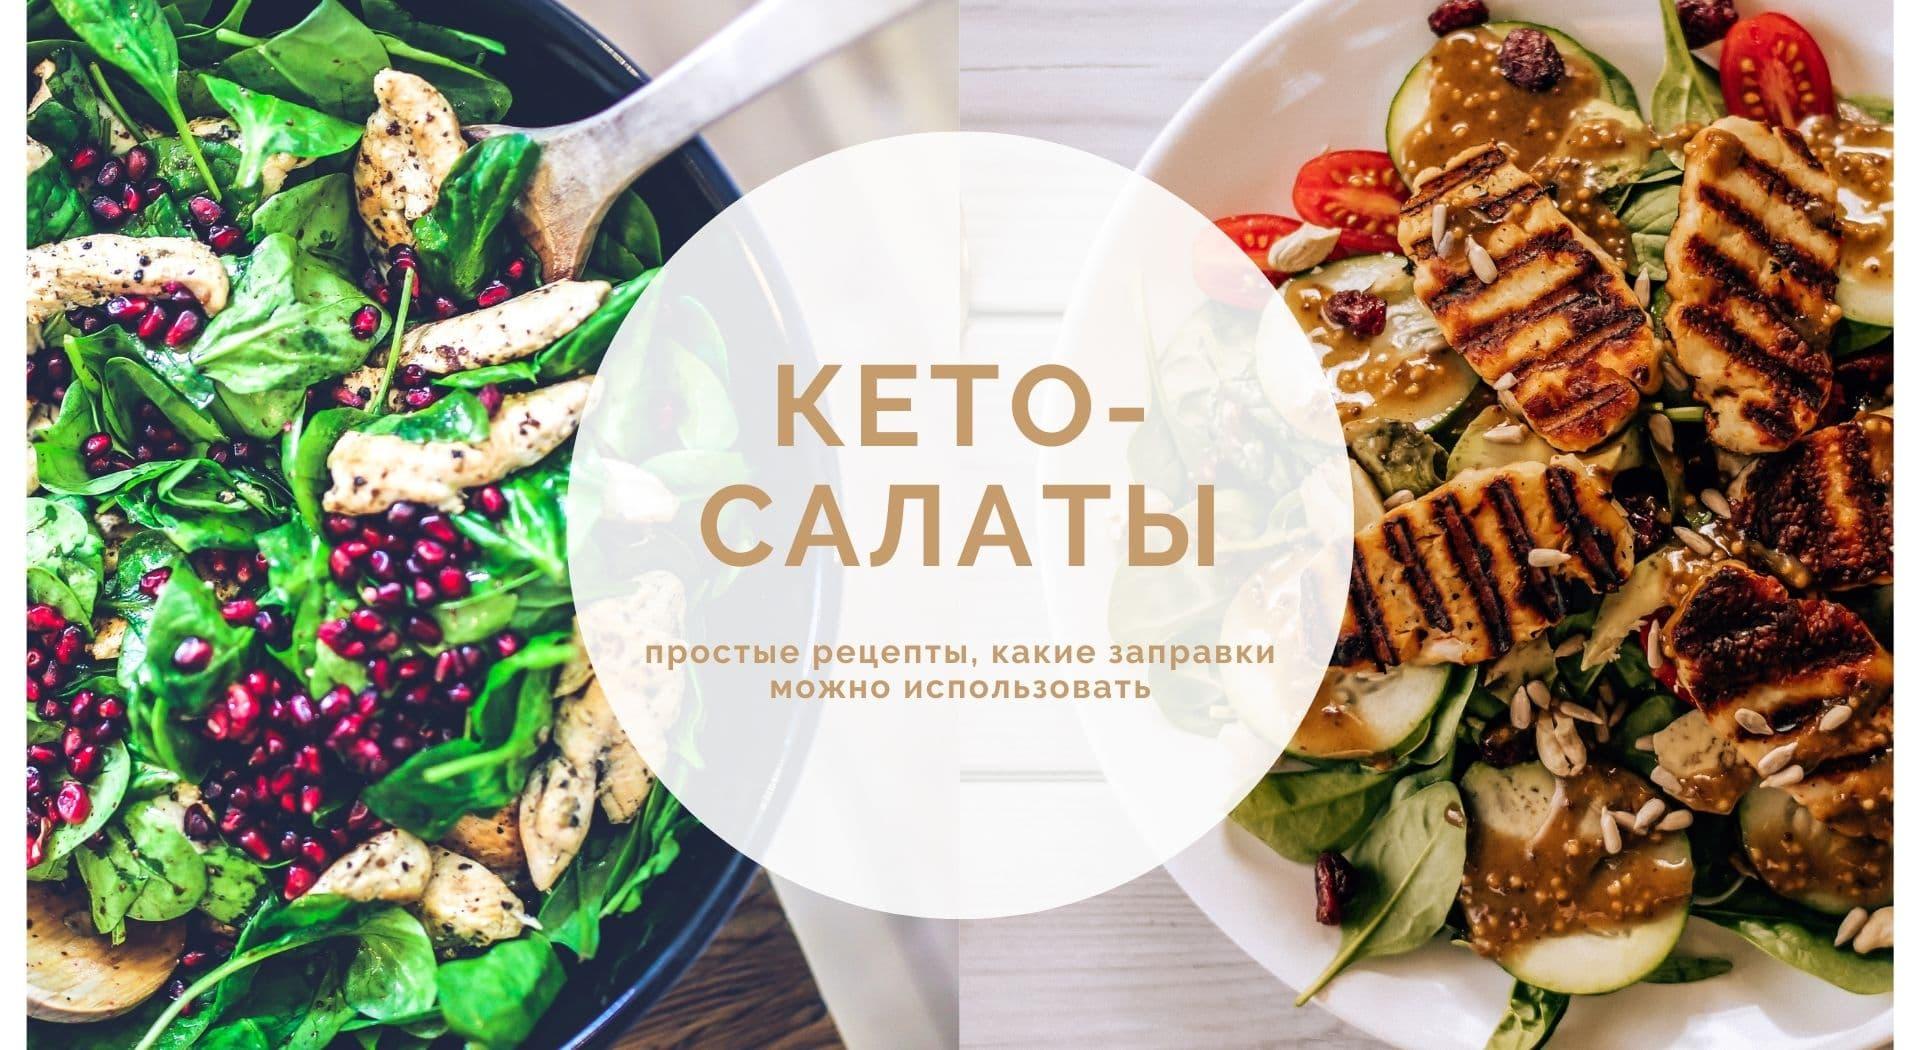 Кето-салаты: простые рецепты, какие заправки можно использовать